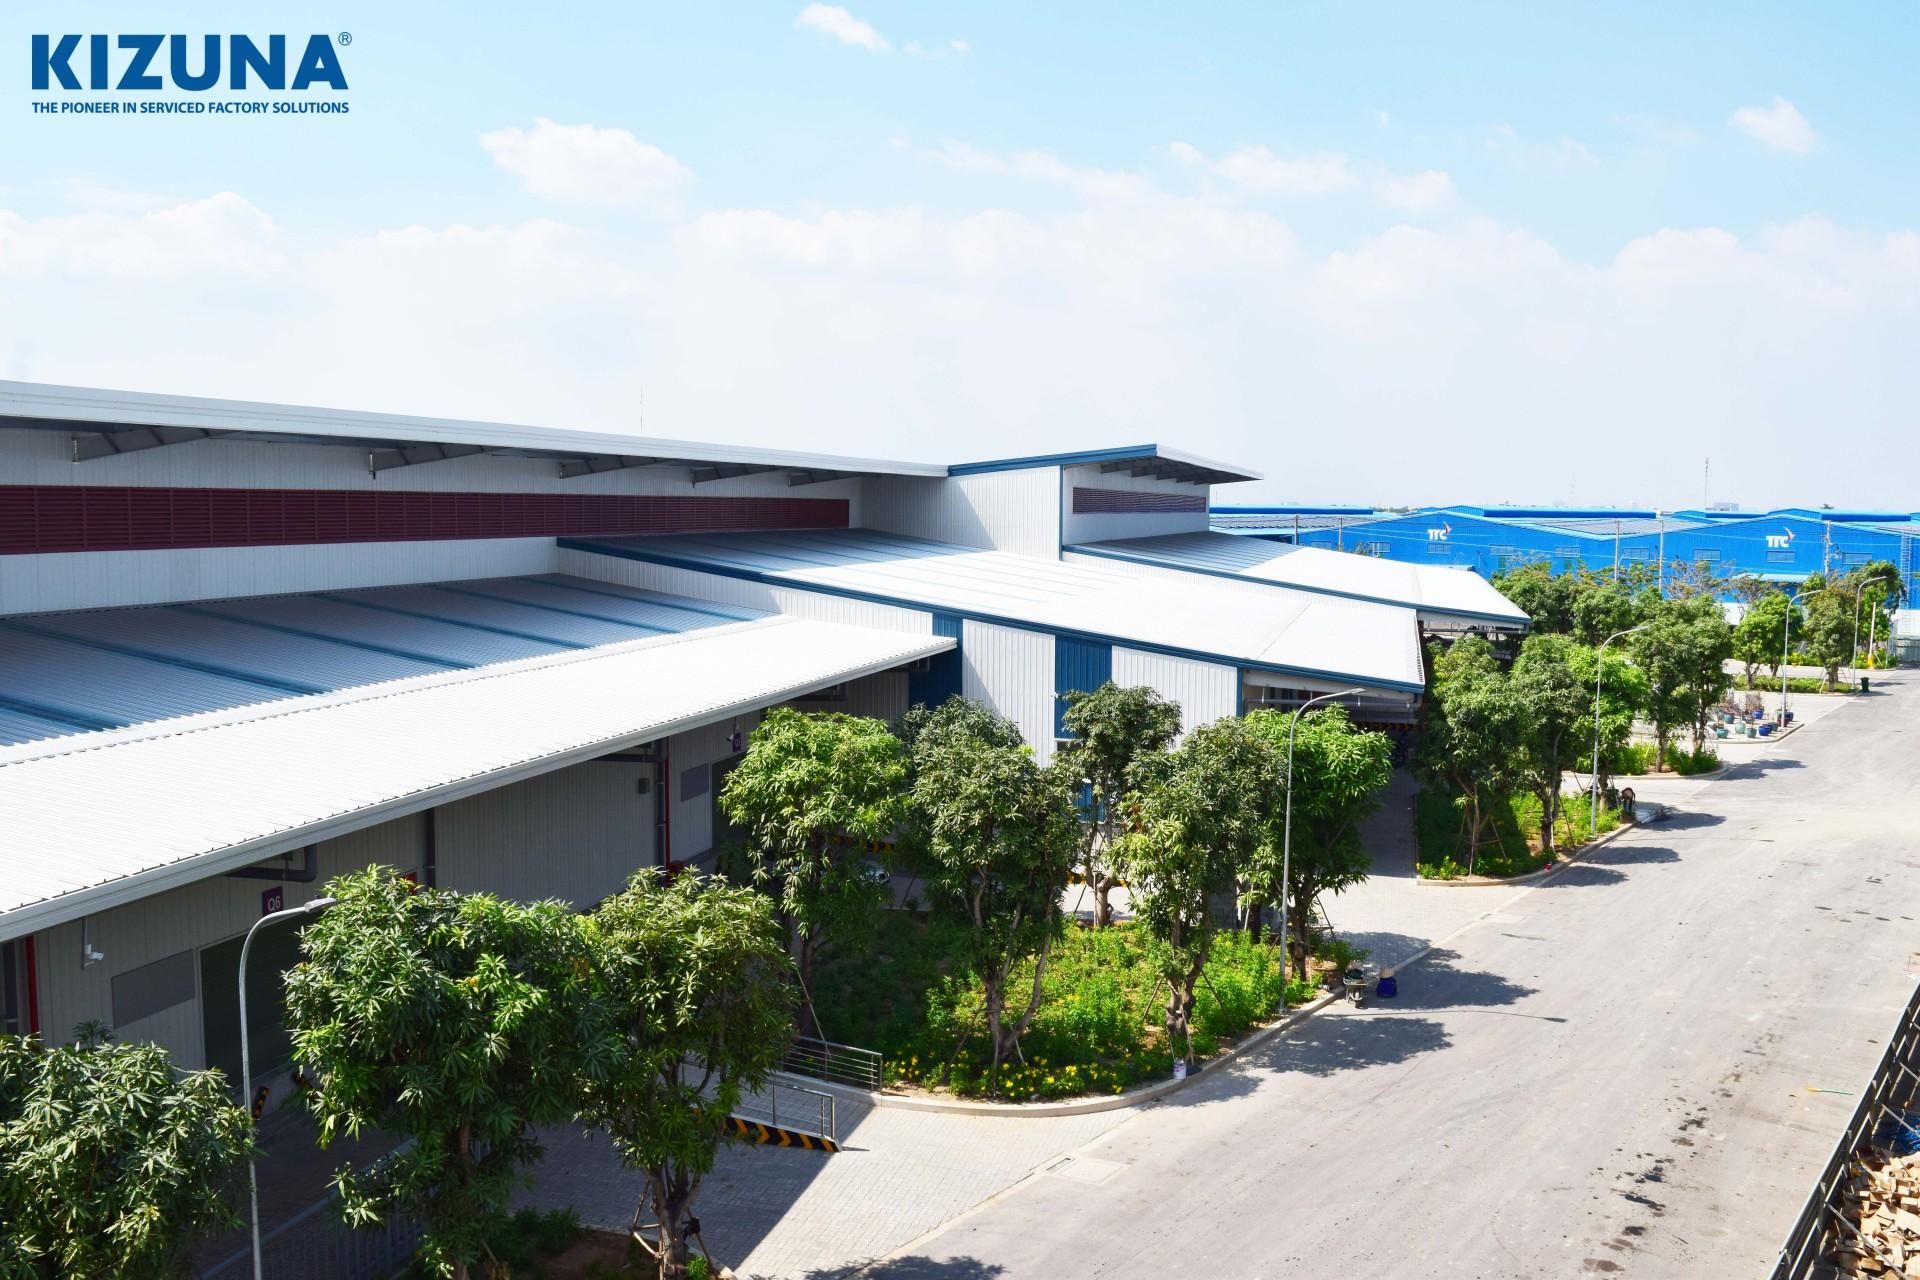 Kizuna cho thuê nhà xưởng chất lượng, có nhiều chính sách thu hút đầu tư và giá thuê nhiều ưu đãi